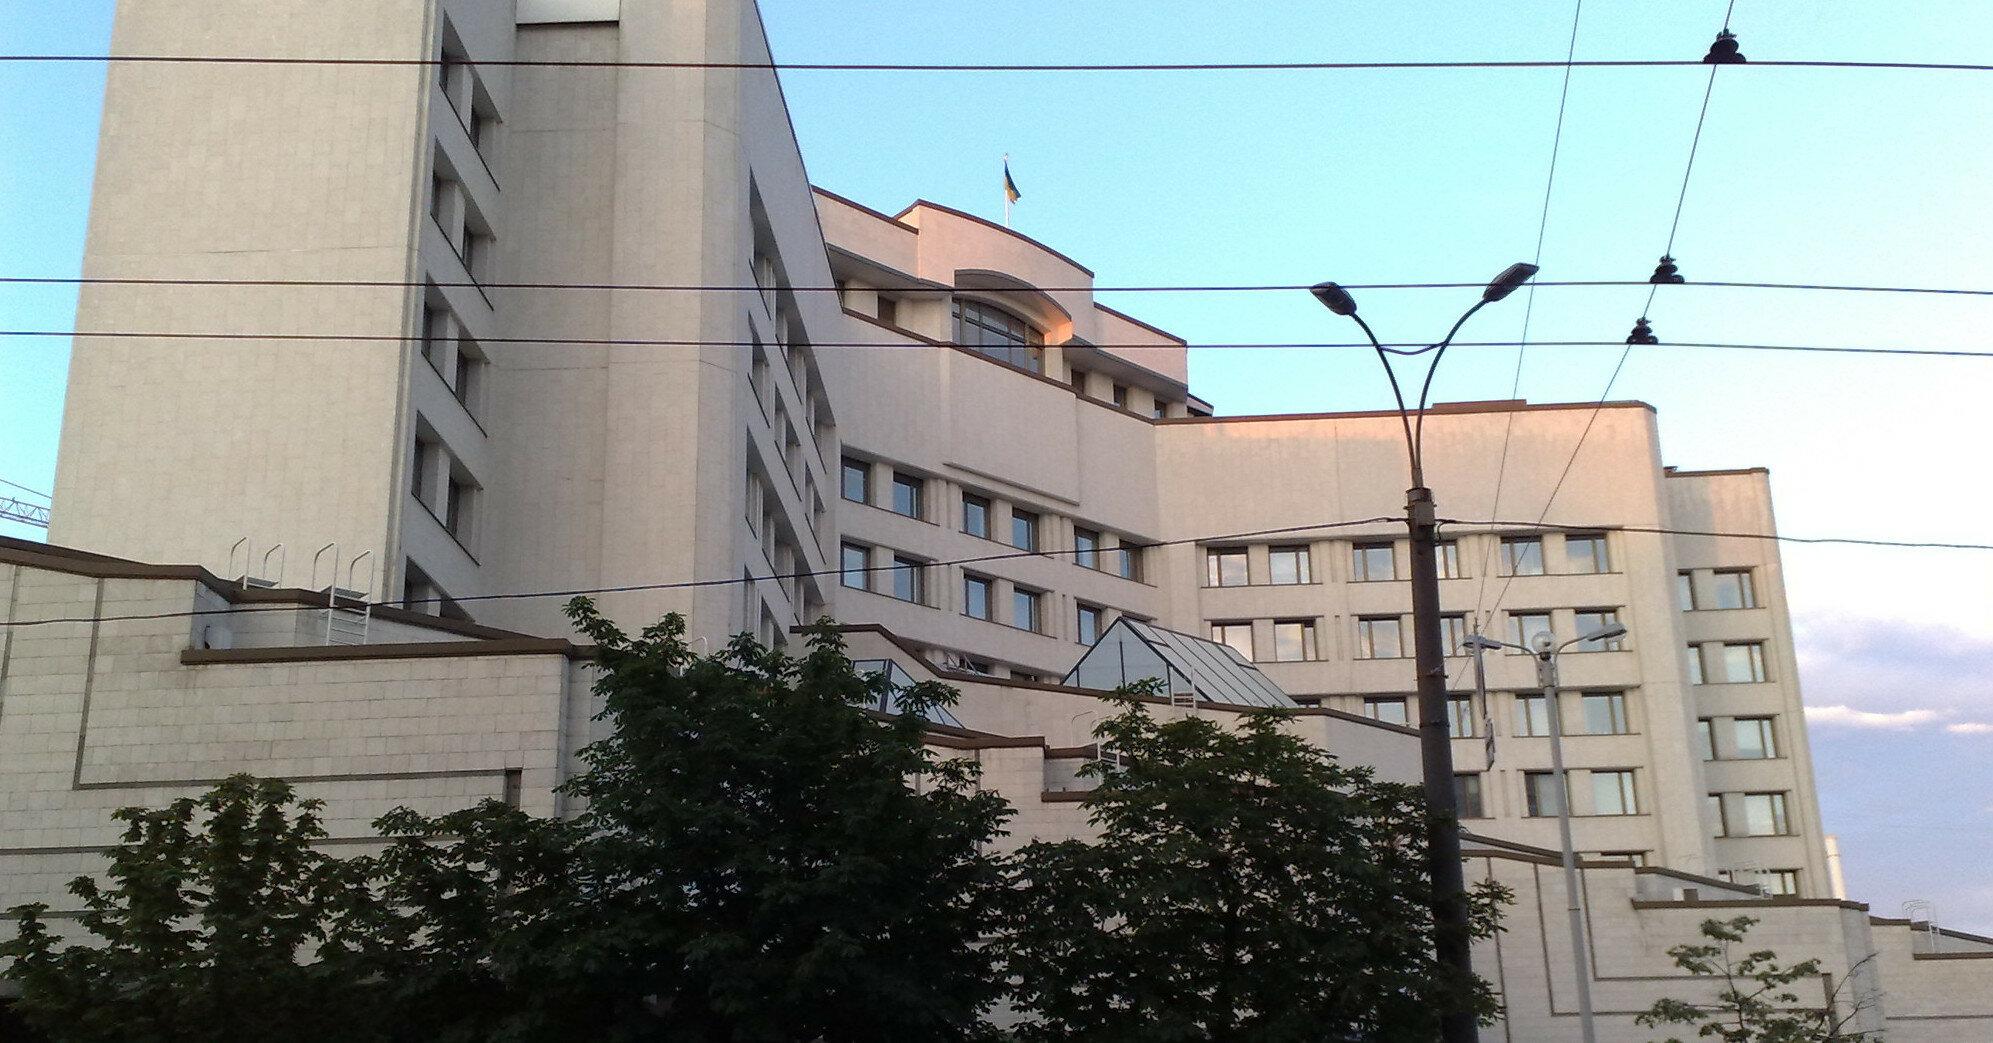 Тупицкий и Касминин пытаются попасть в Конституционный суд